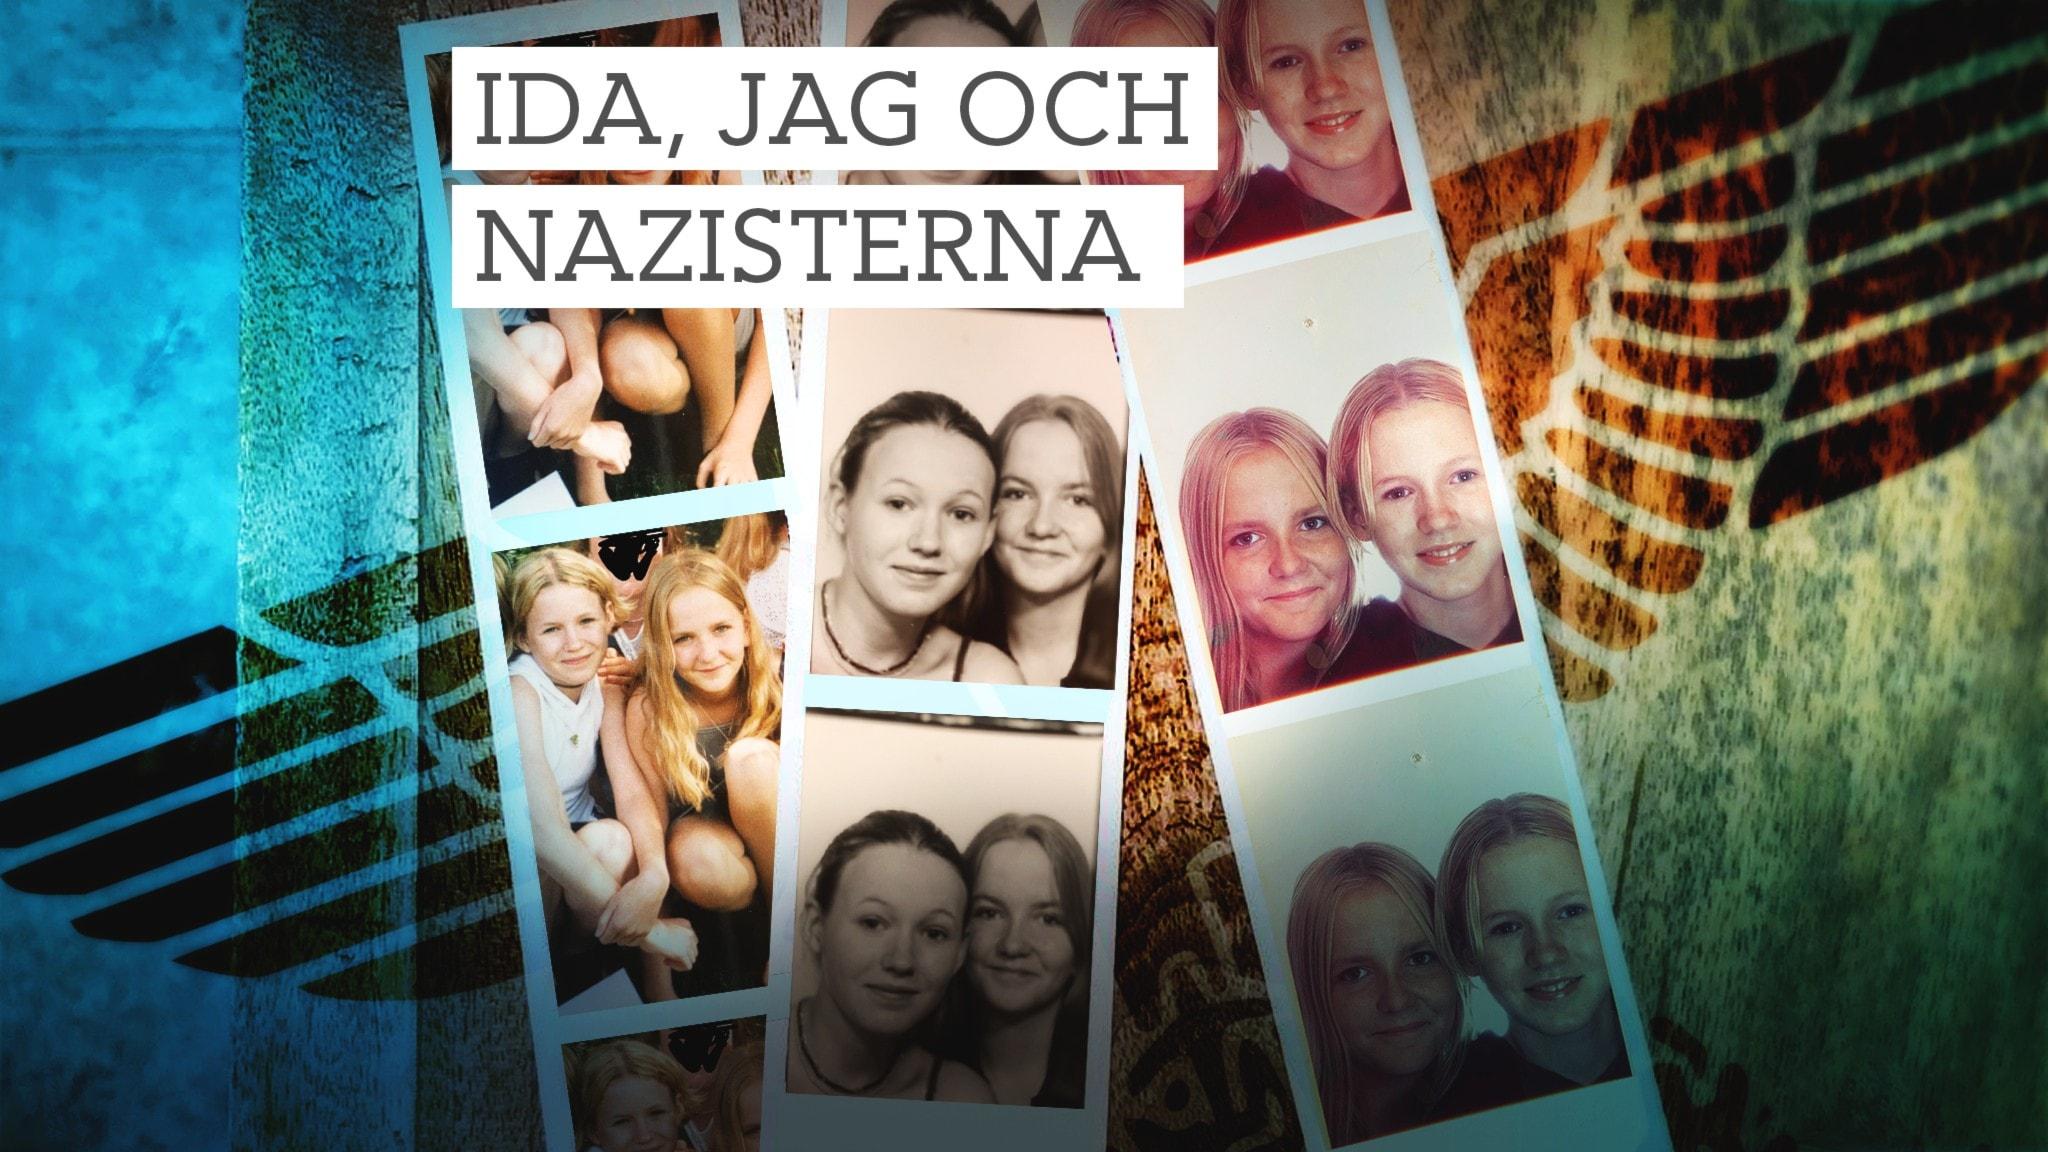 Ida, jag och nazisterna - P1 Dokumentär